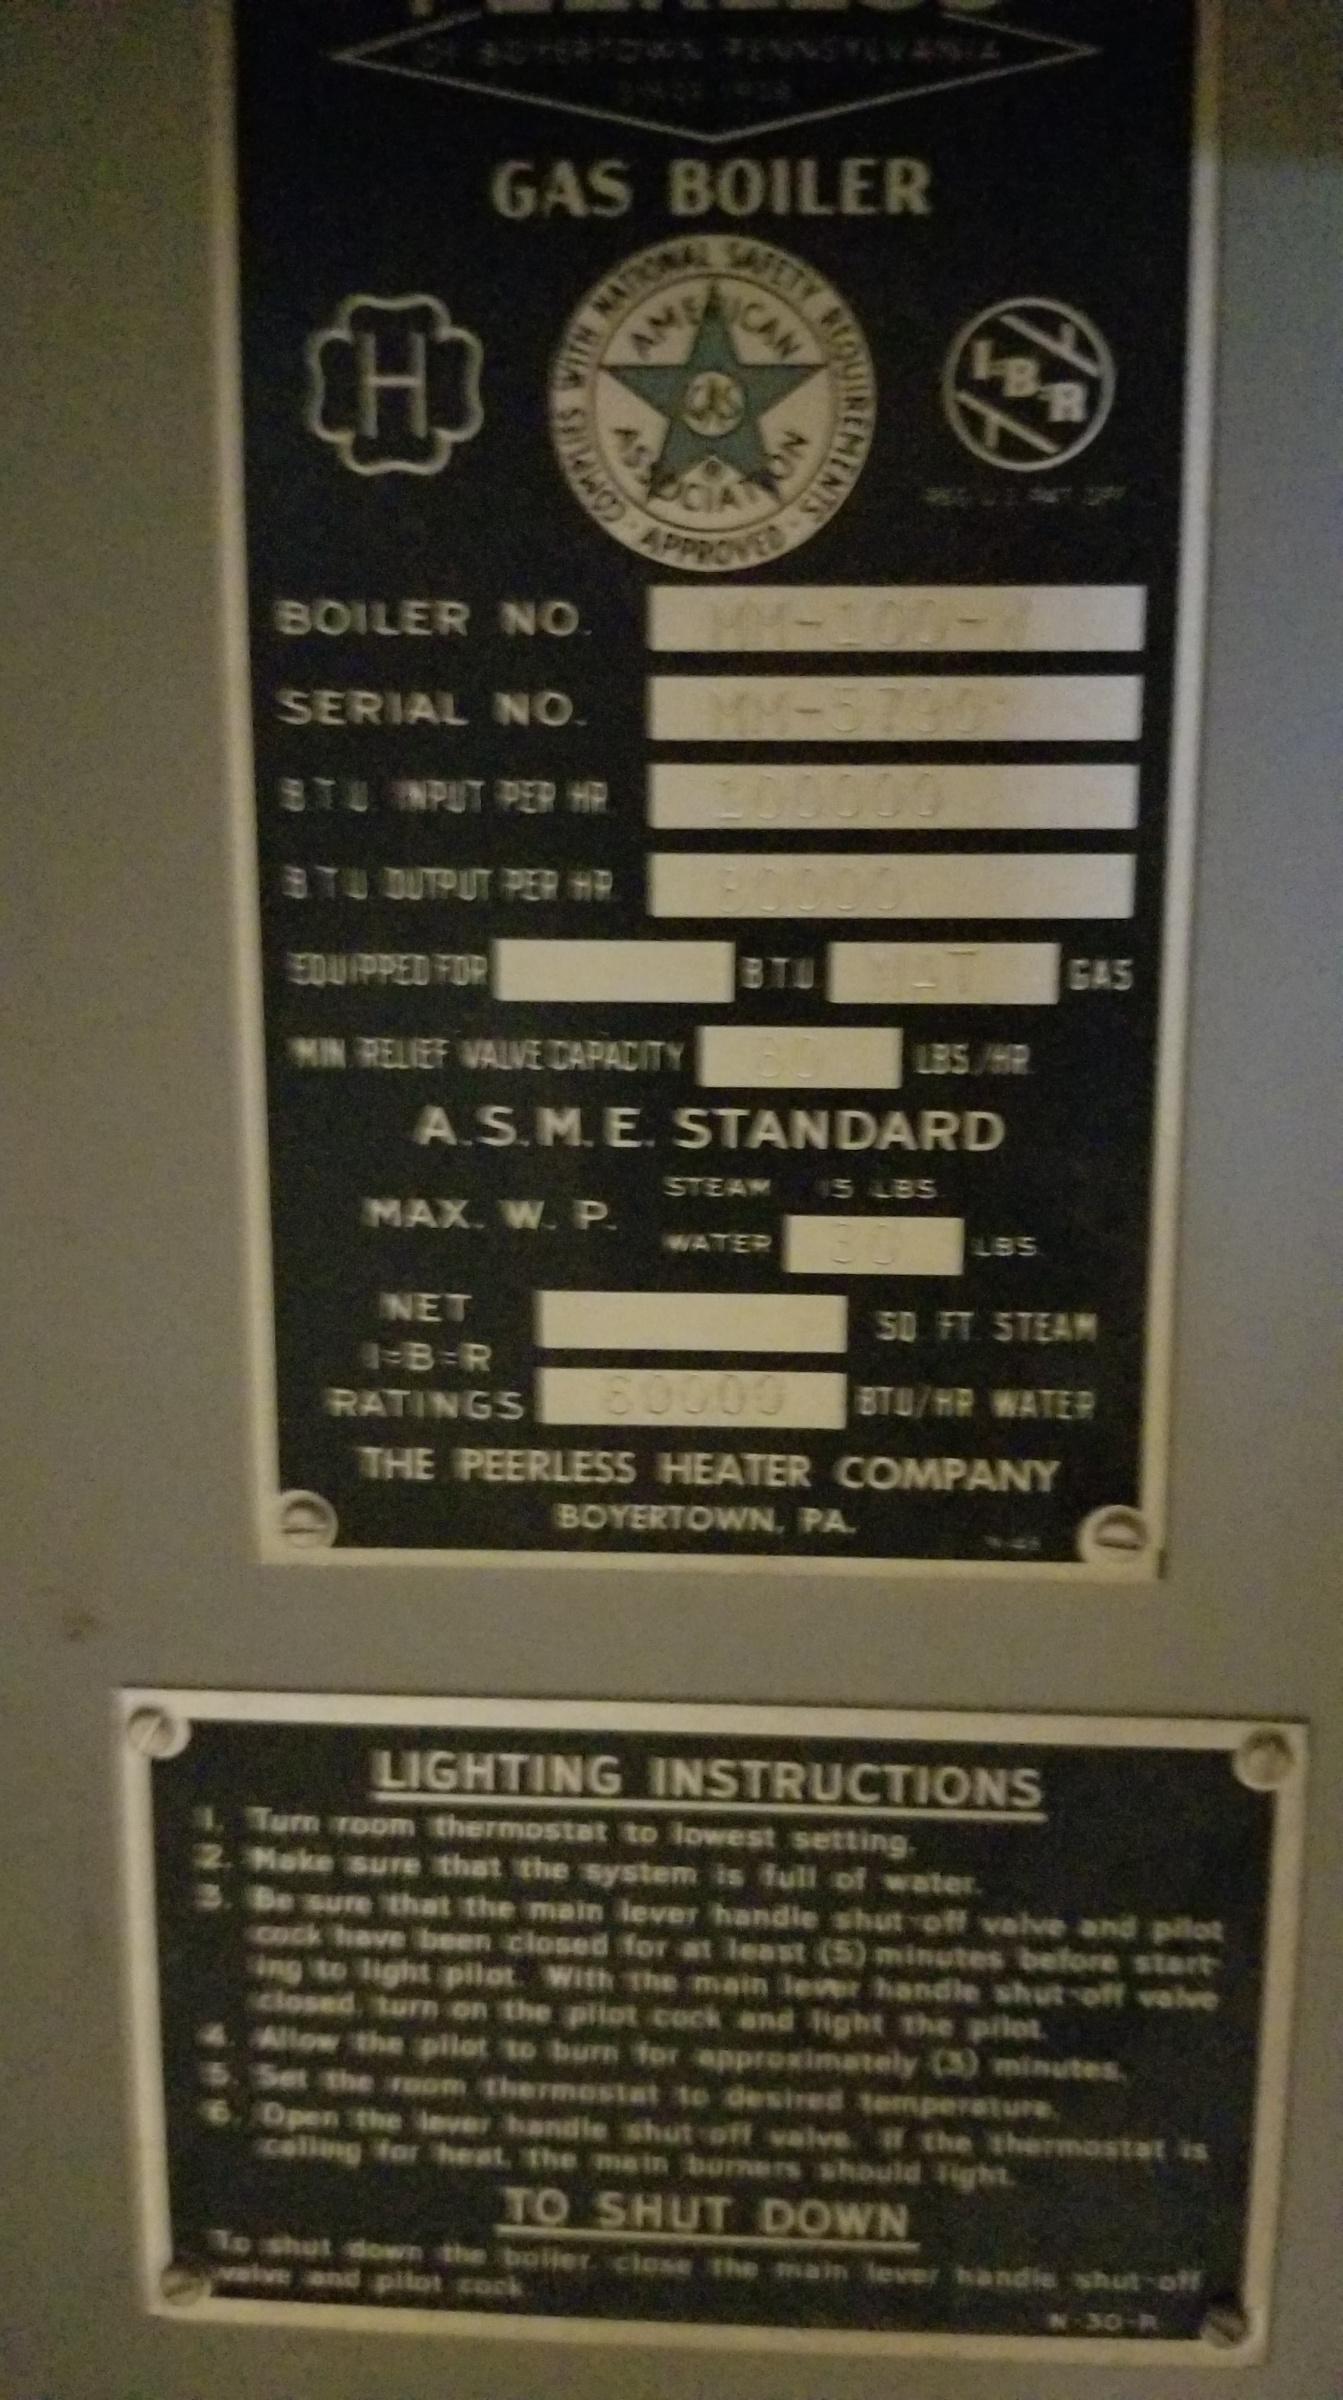 How do I re-light pilot old peerless boiler-96145795_2072818542864394_3153125883598864384_n.jpg